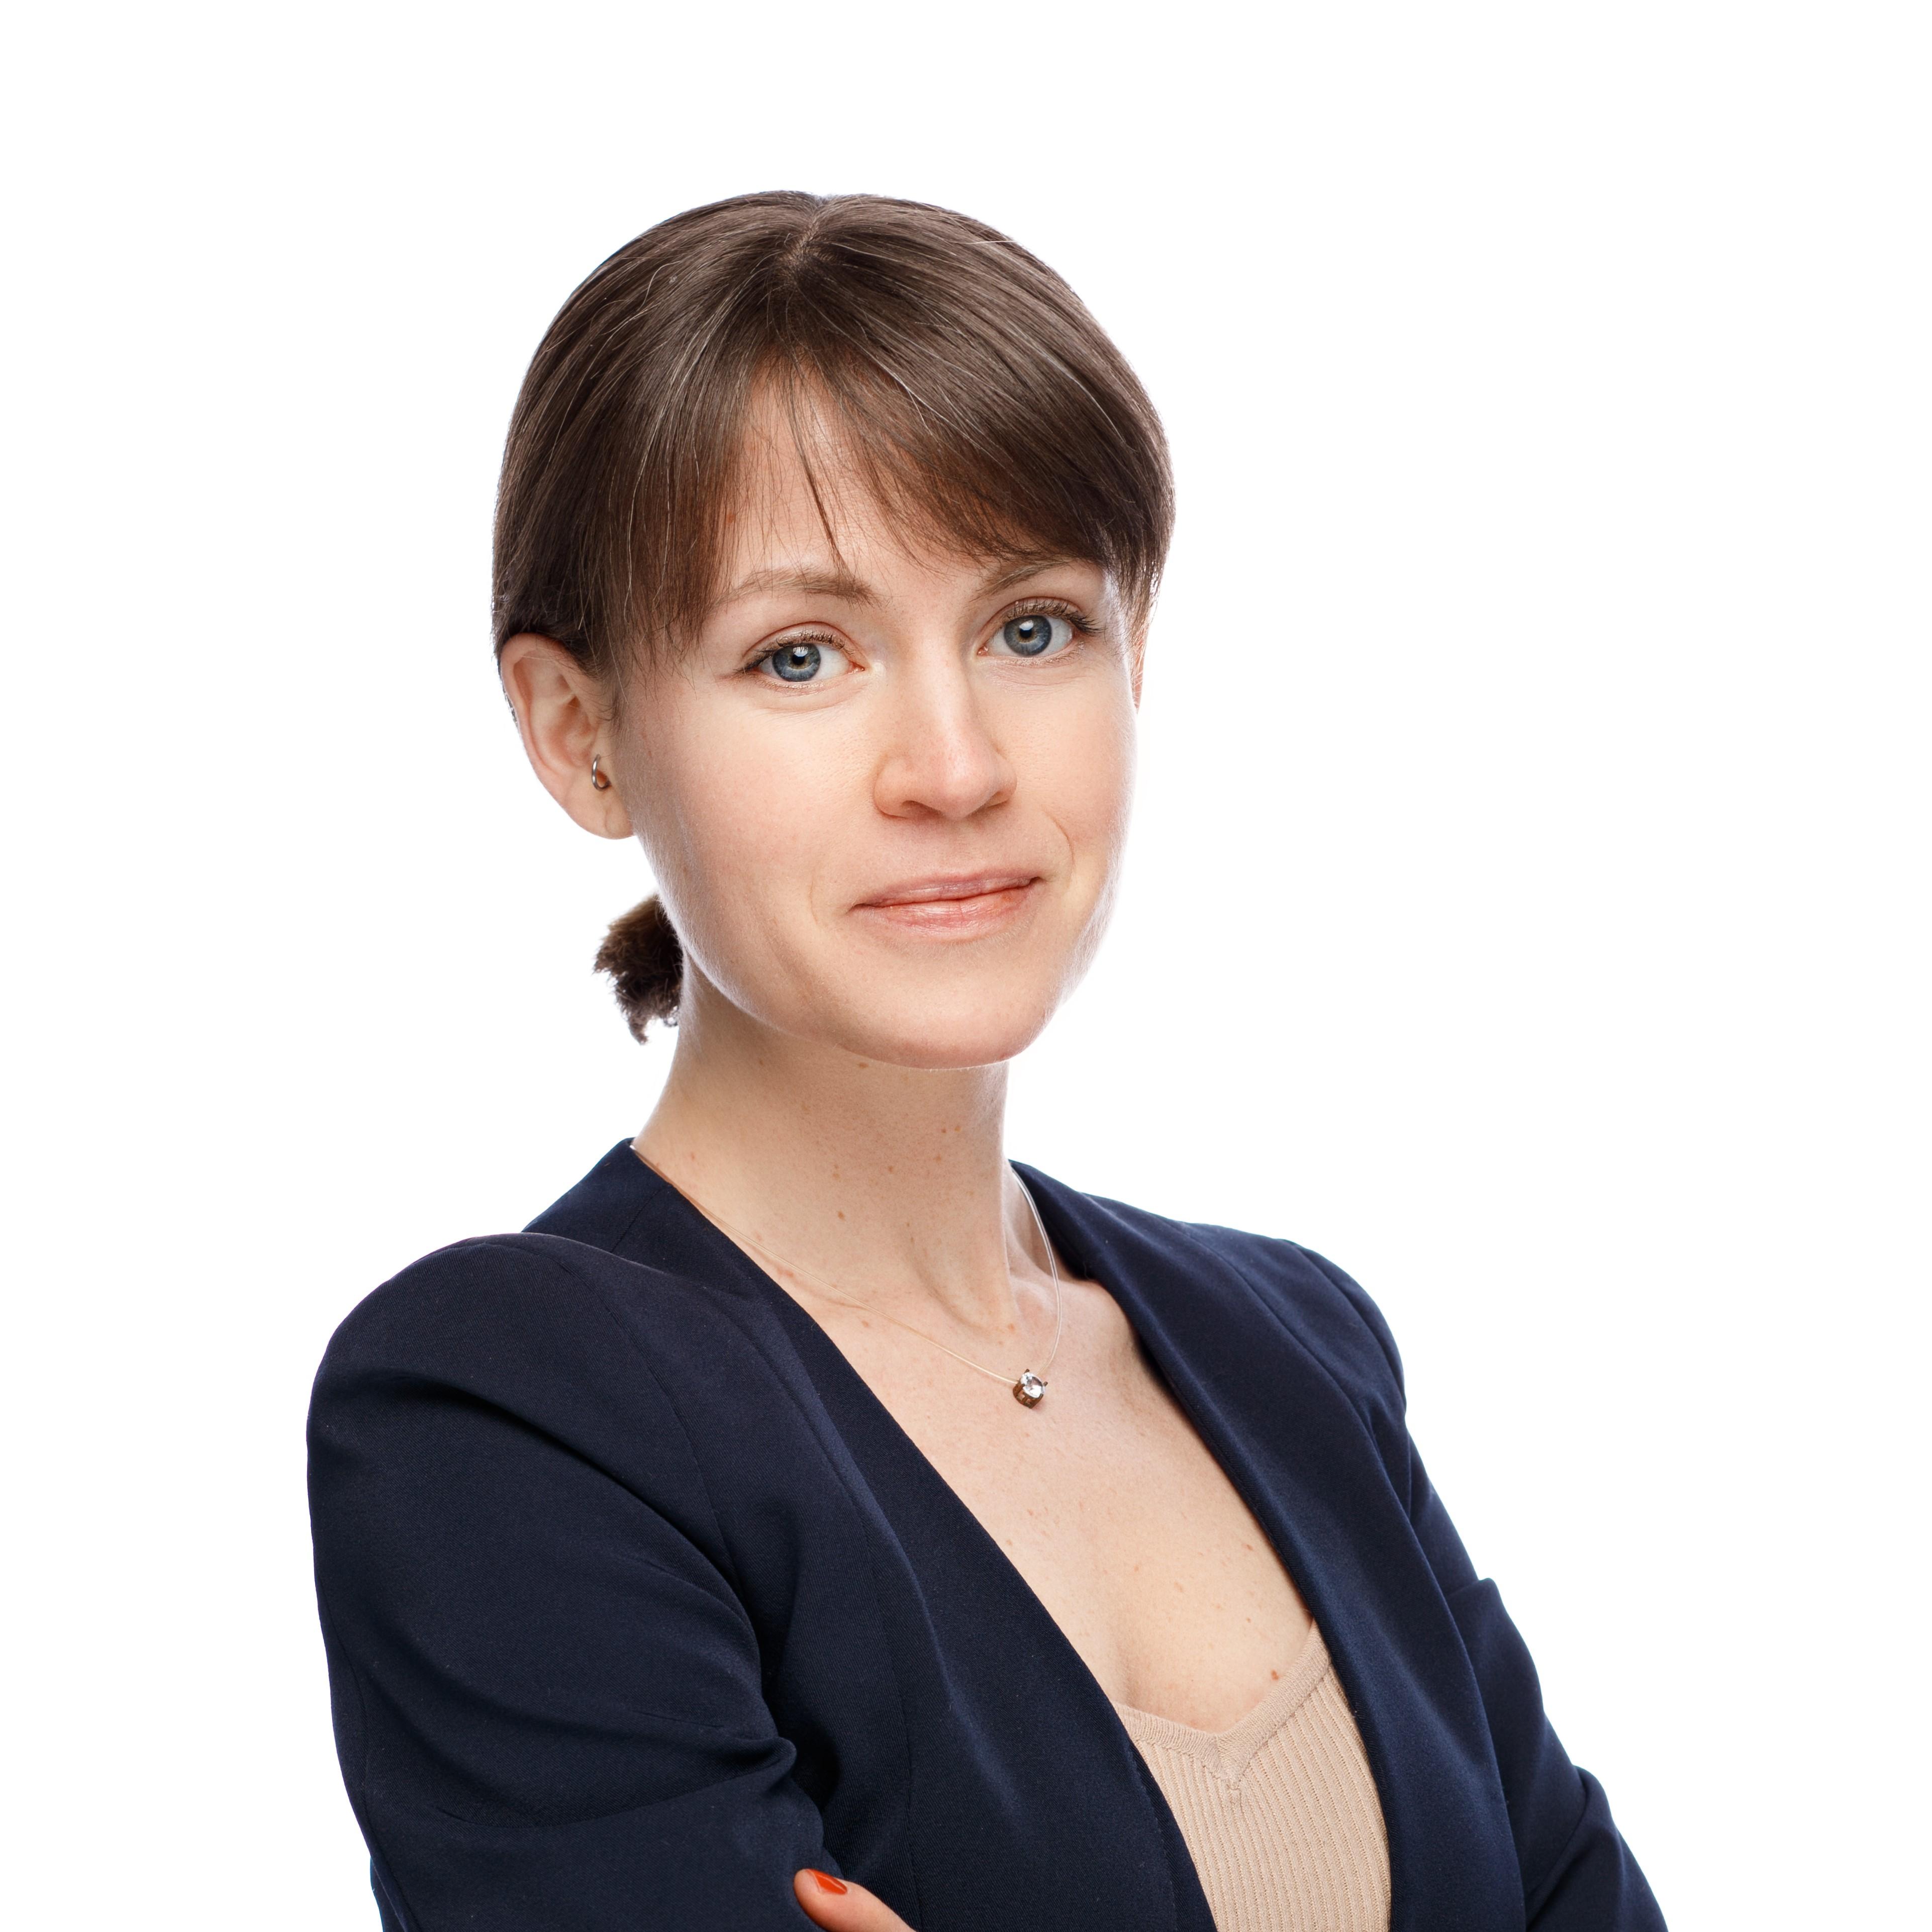 Толмачева екатерина модельный бизнес балей